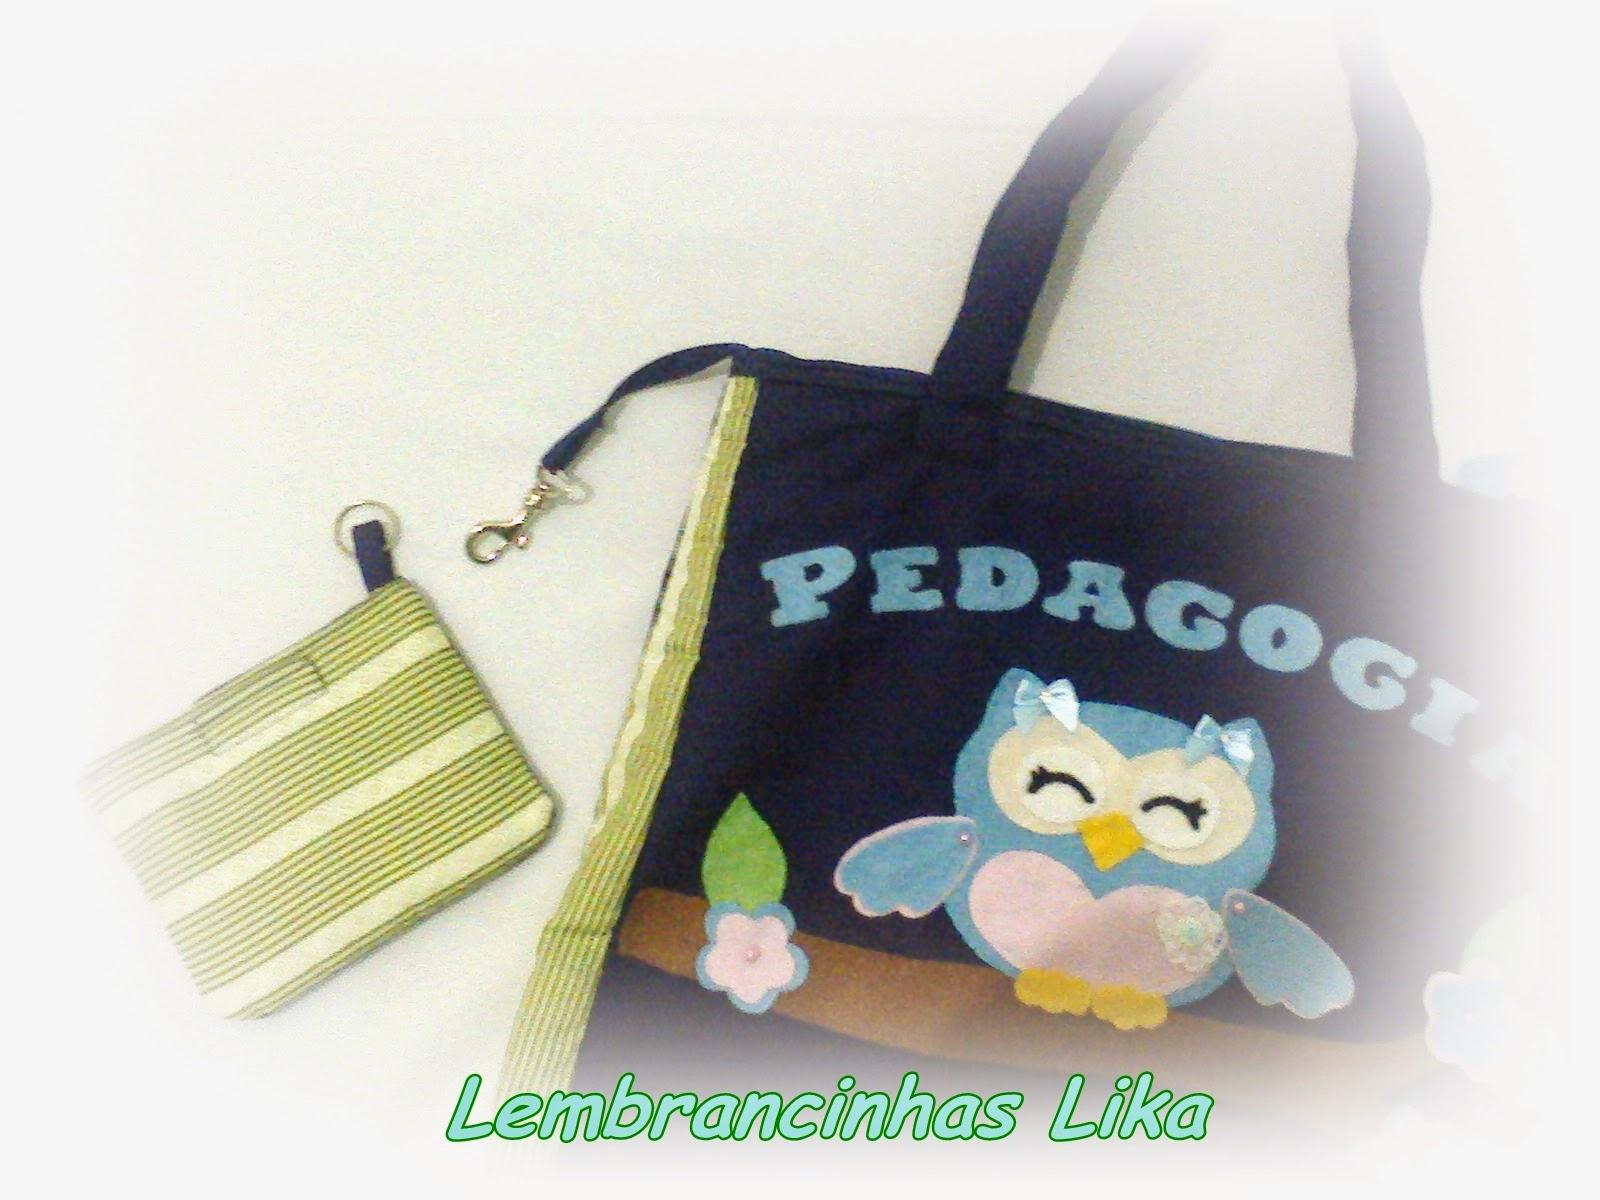 Bolsa De Tecido Pedagogia : Lika eventos bolsa de tecido corujinha